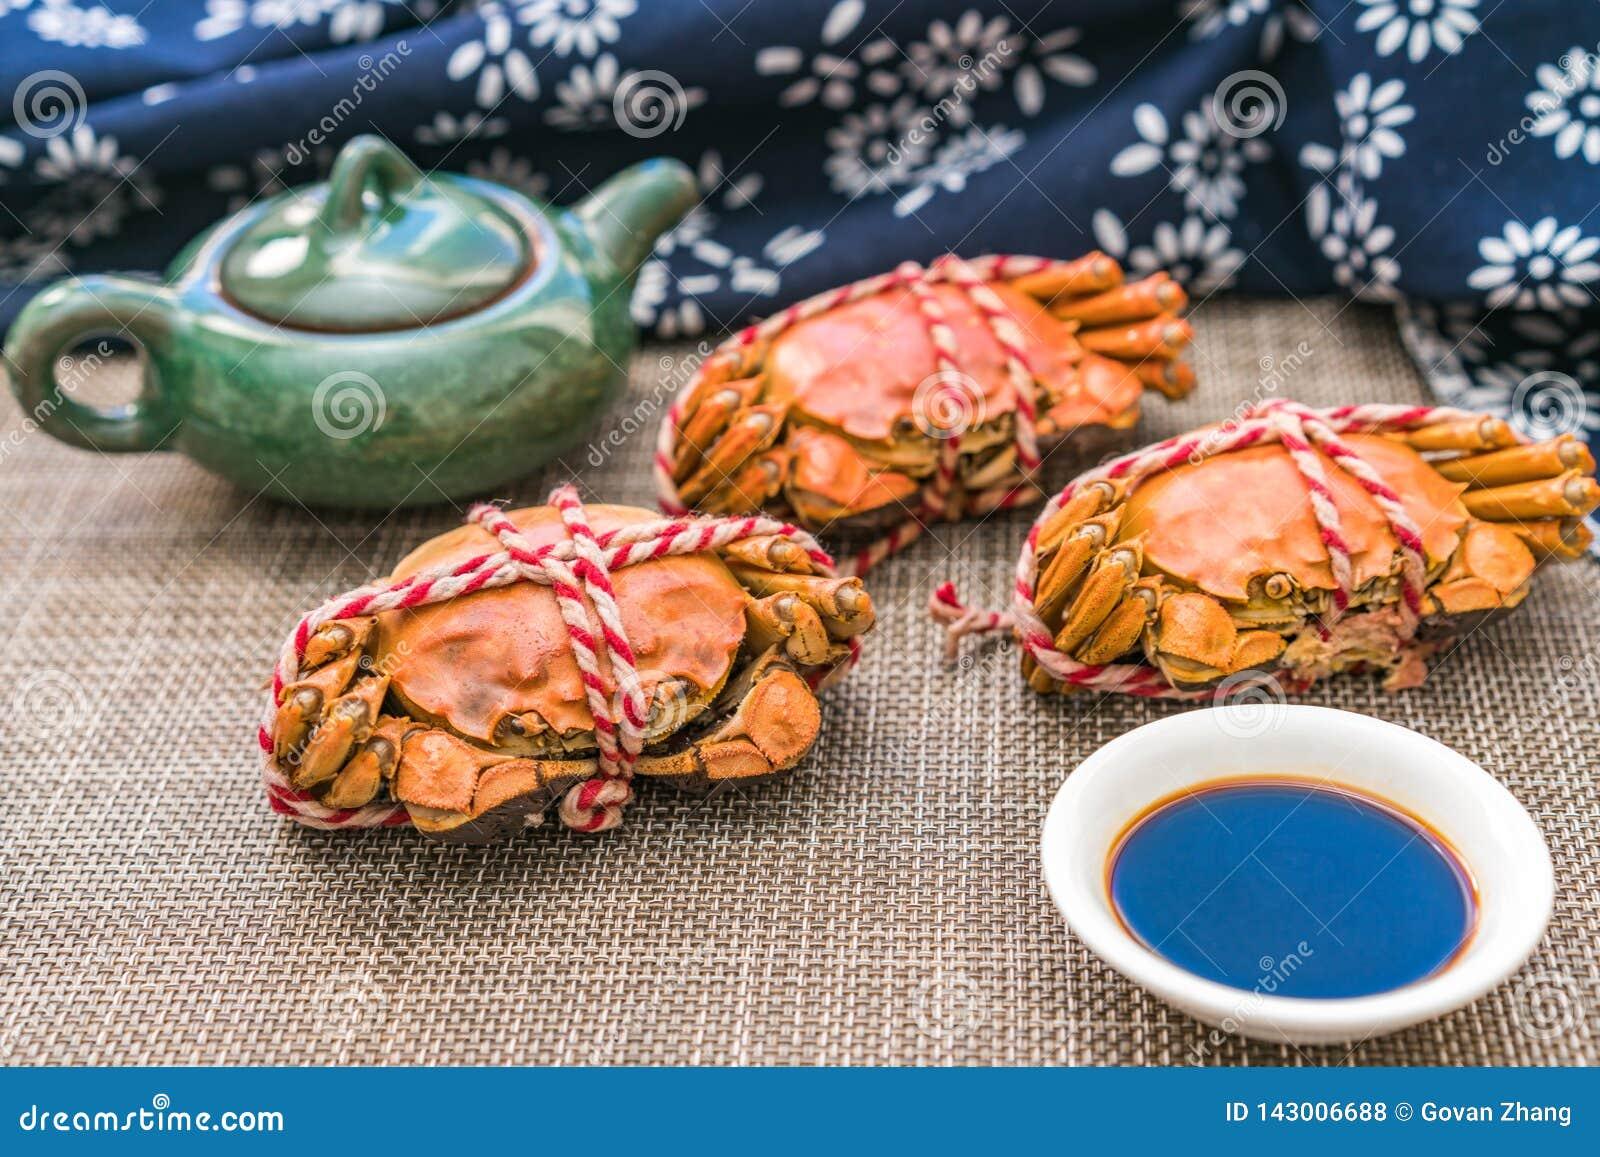 Cangrejo cocido al vapor, una delicadeza del festival de Chongyang en China